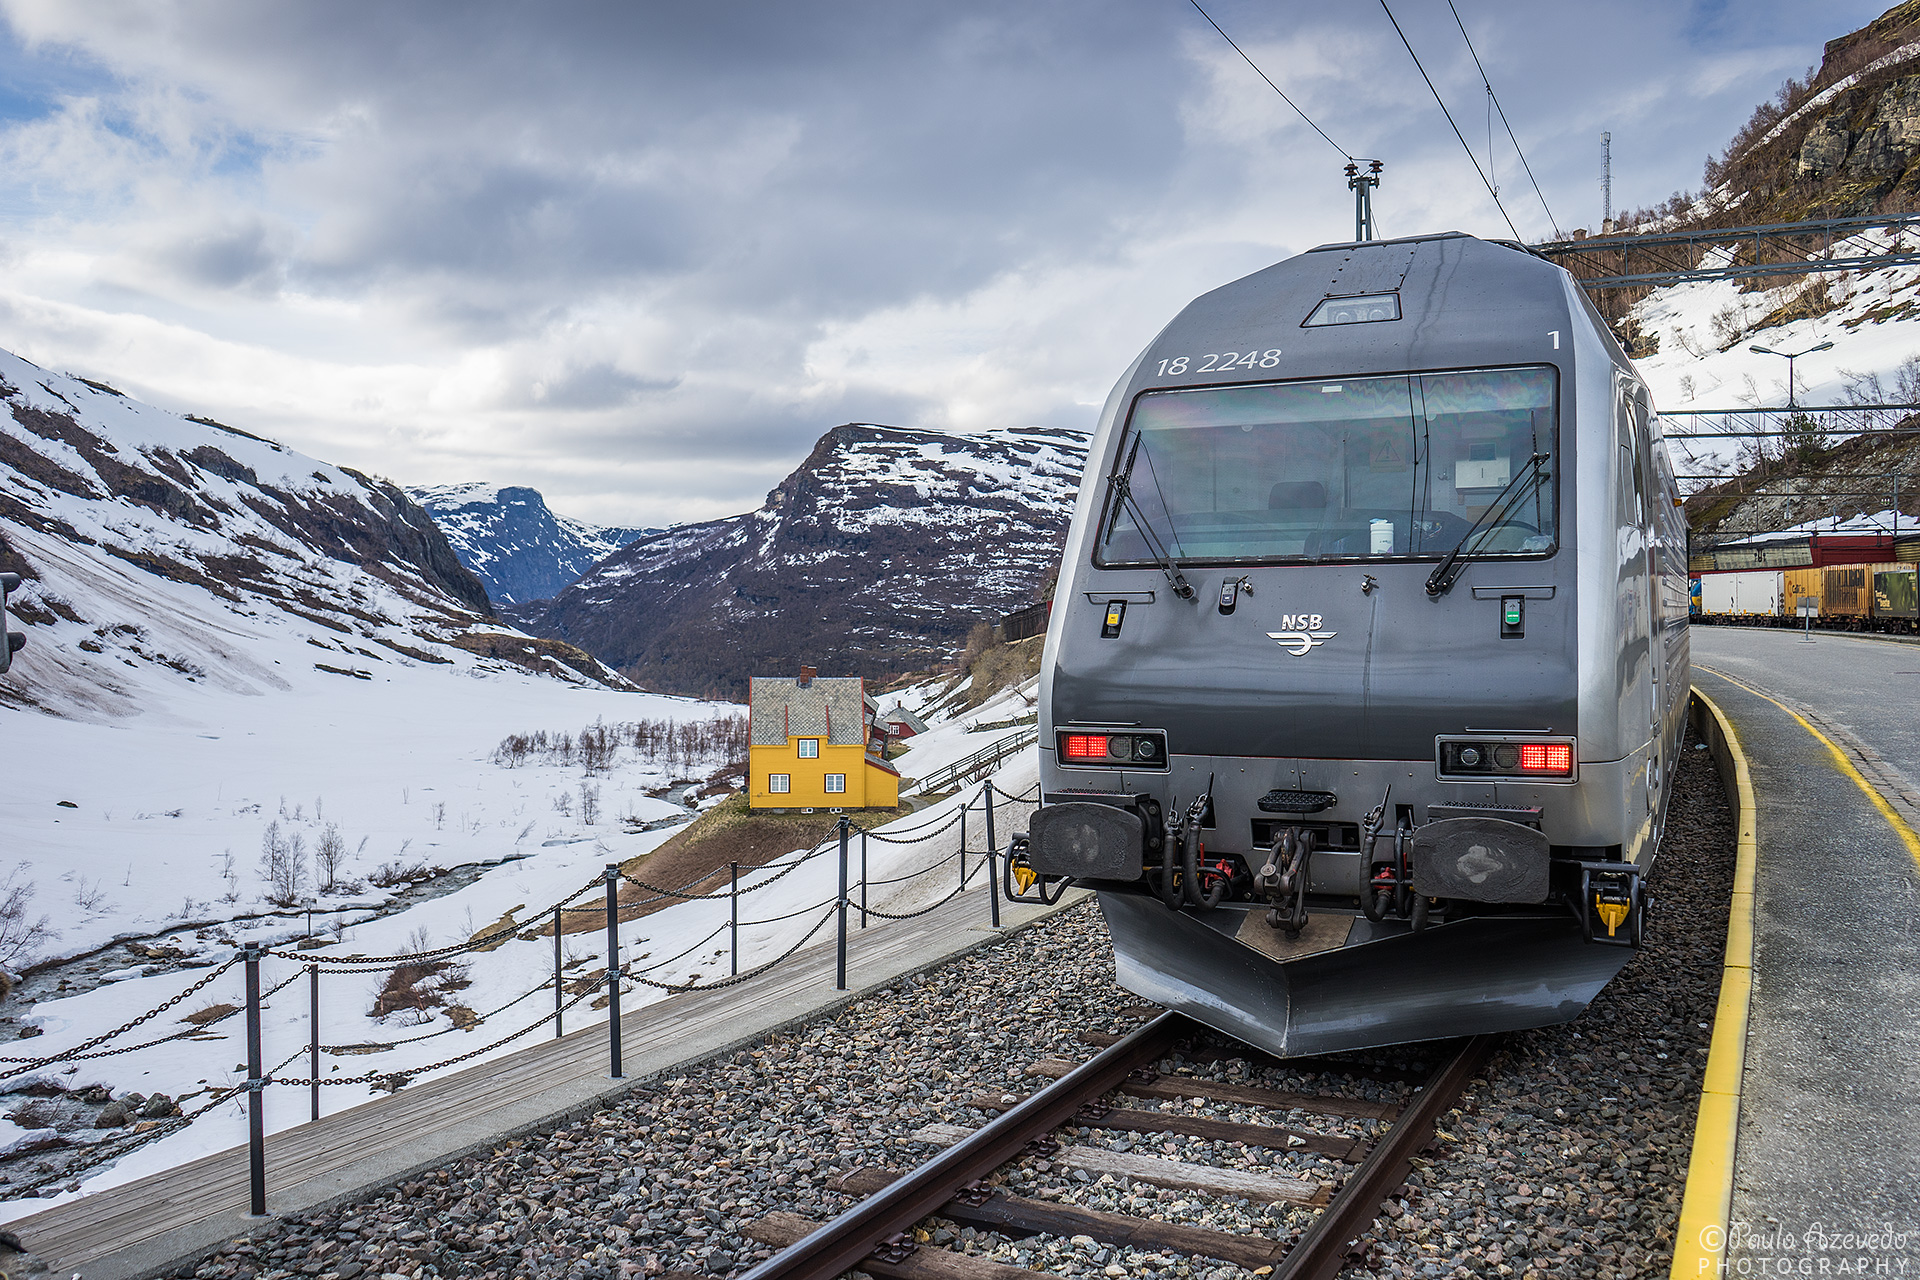 comboio flåmsbana entre montes e vales com neve